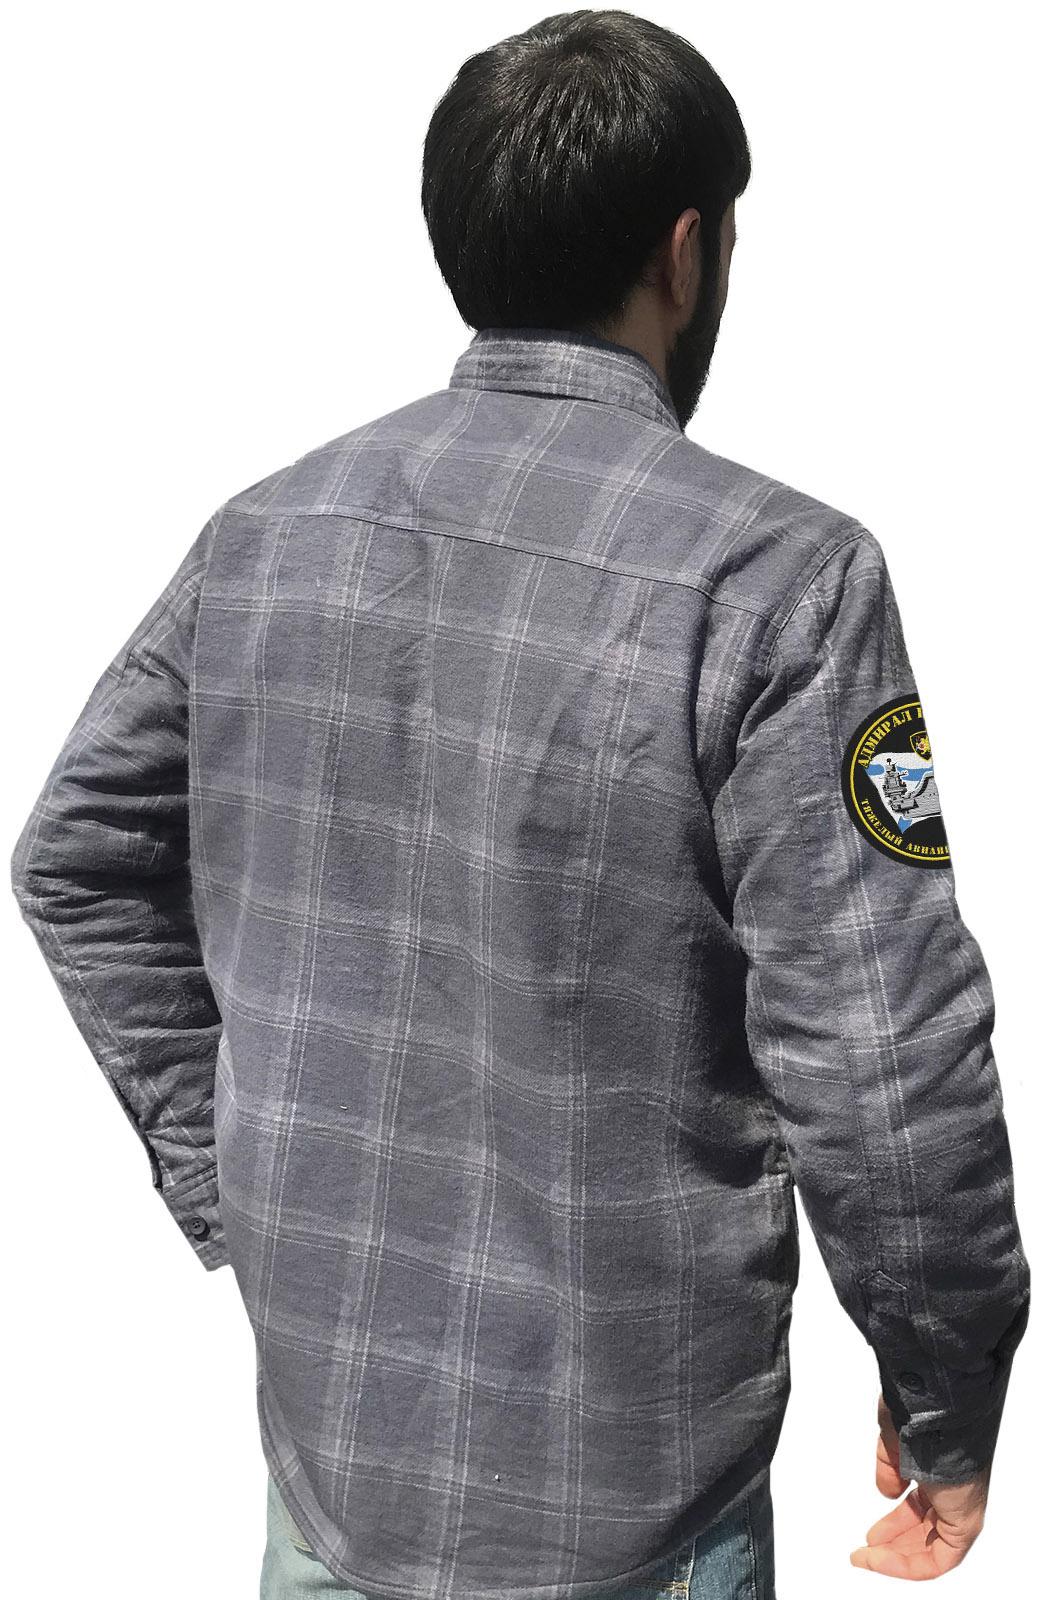 Мужская утепленная рубашка ВМФ ТАВКР Адмирал Кузнецов заказать в подарок